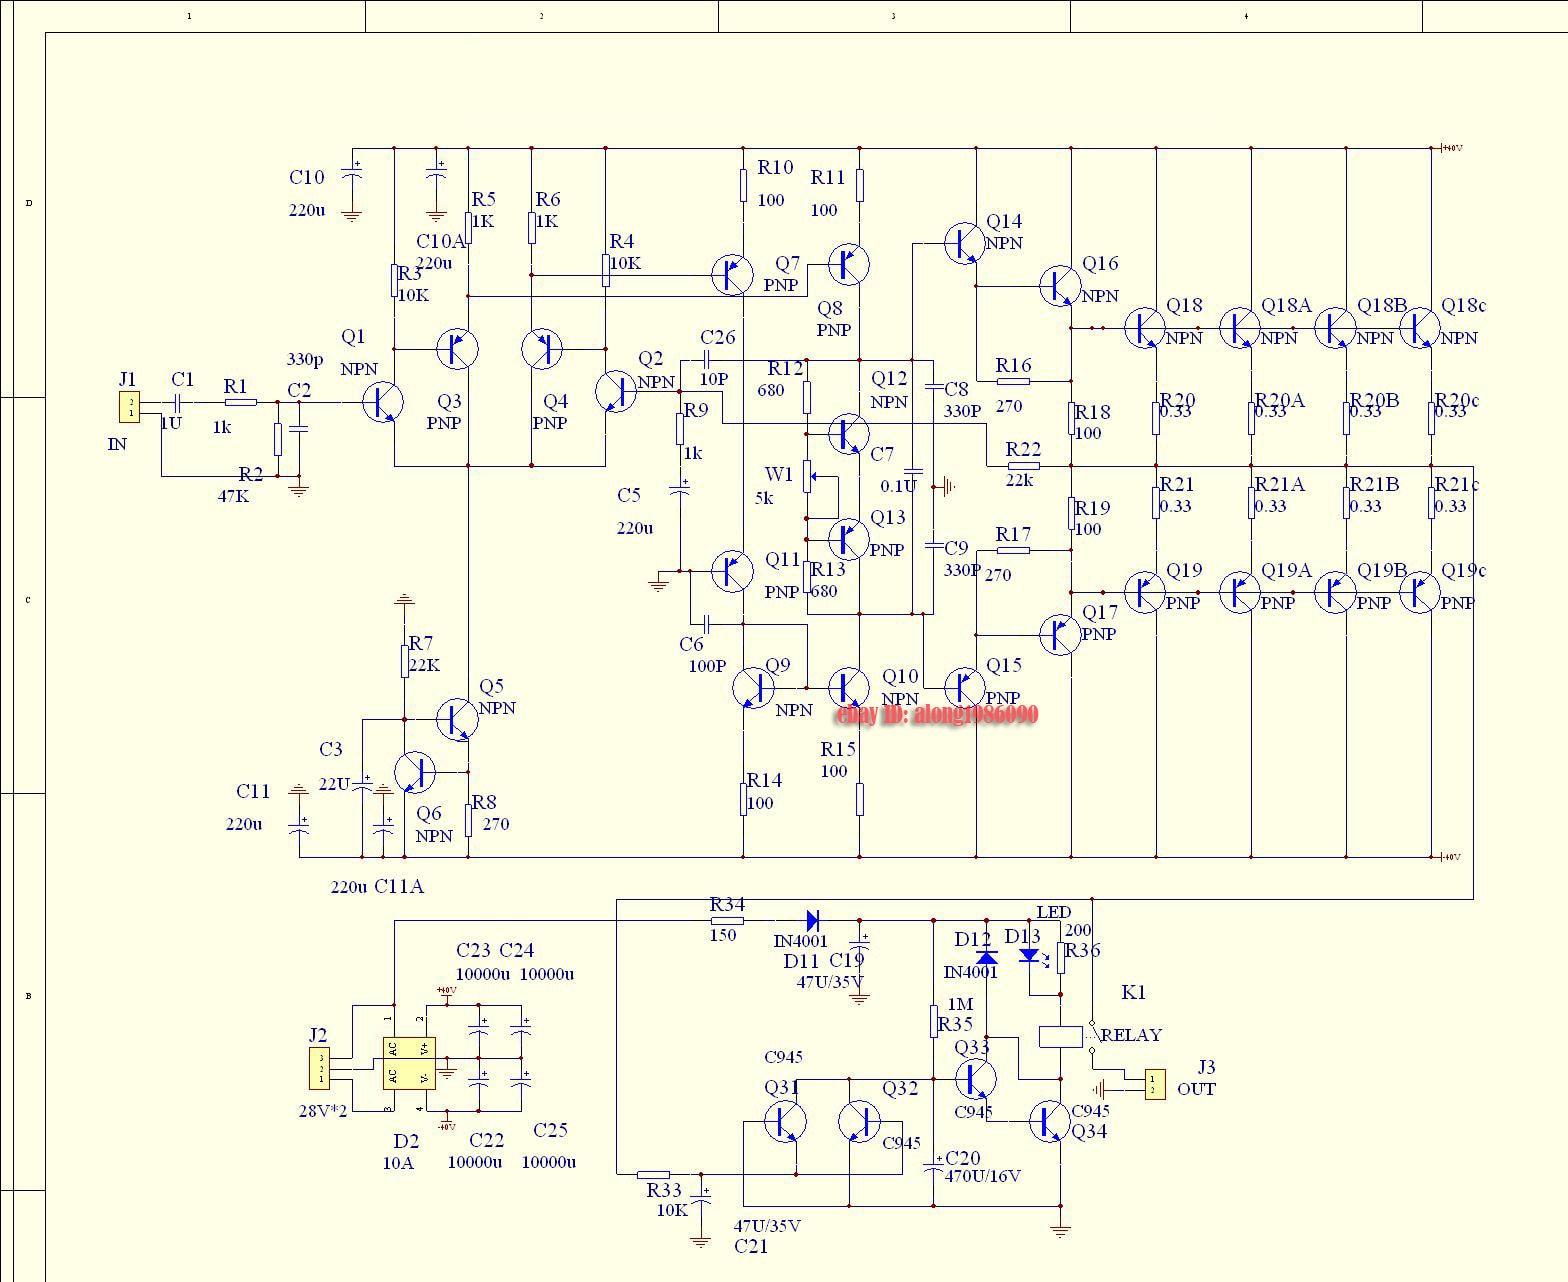 medium resolution of cyrus 1 circuit diagram wiring diagram split cyrus 1 circuit diagram